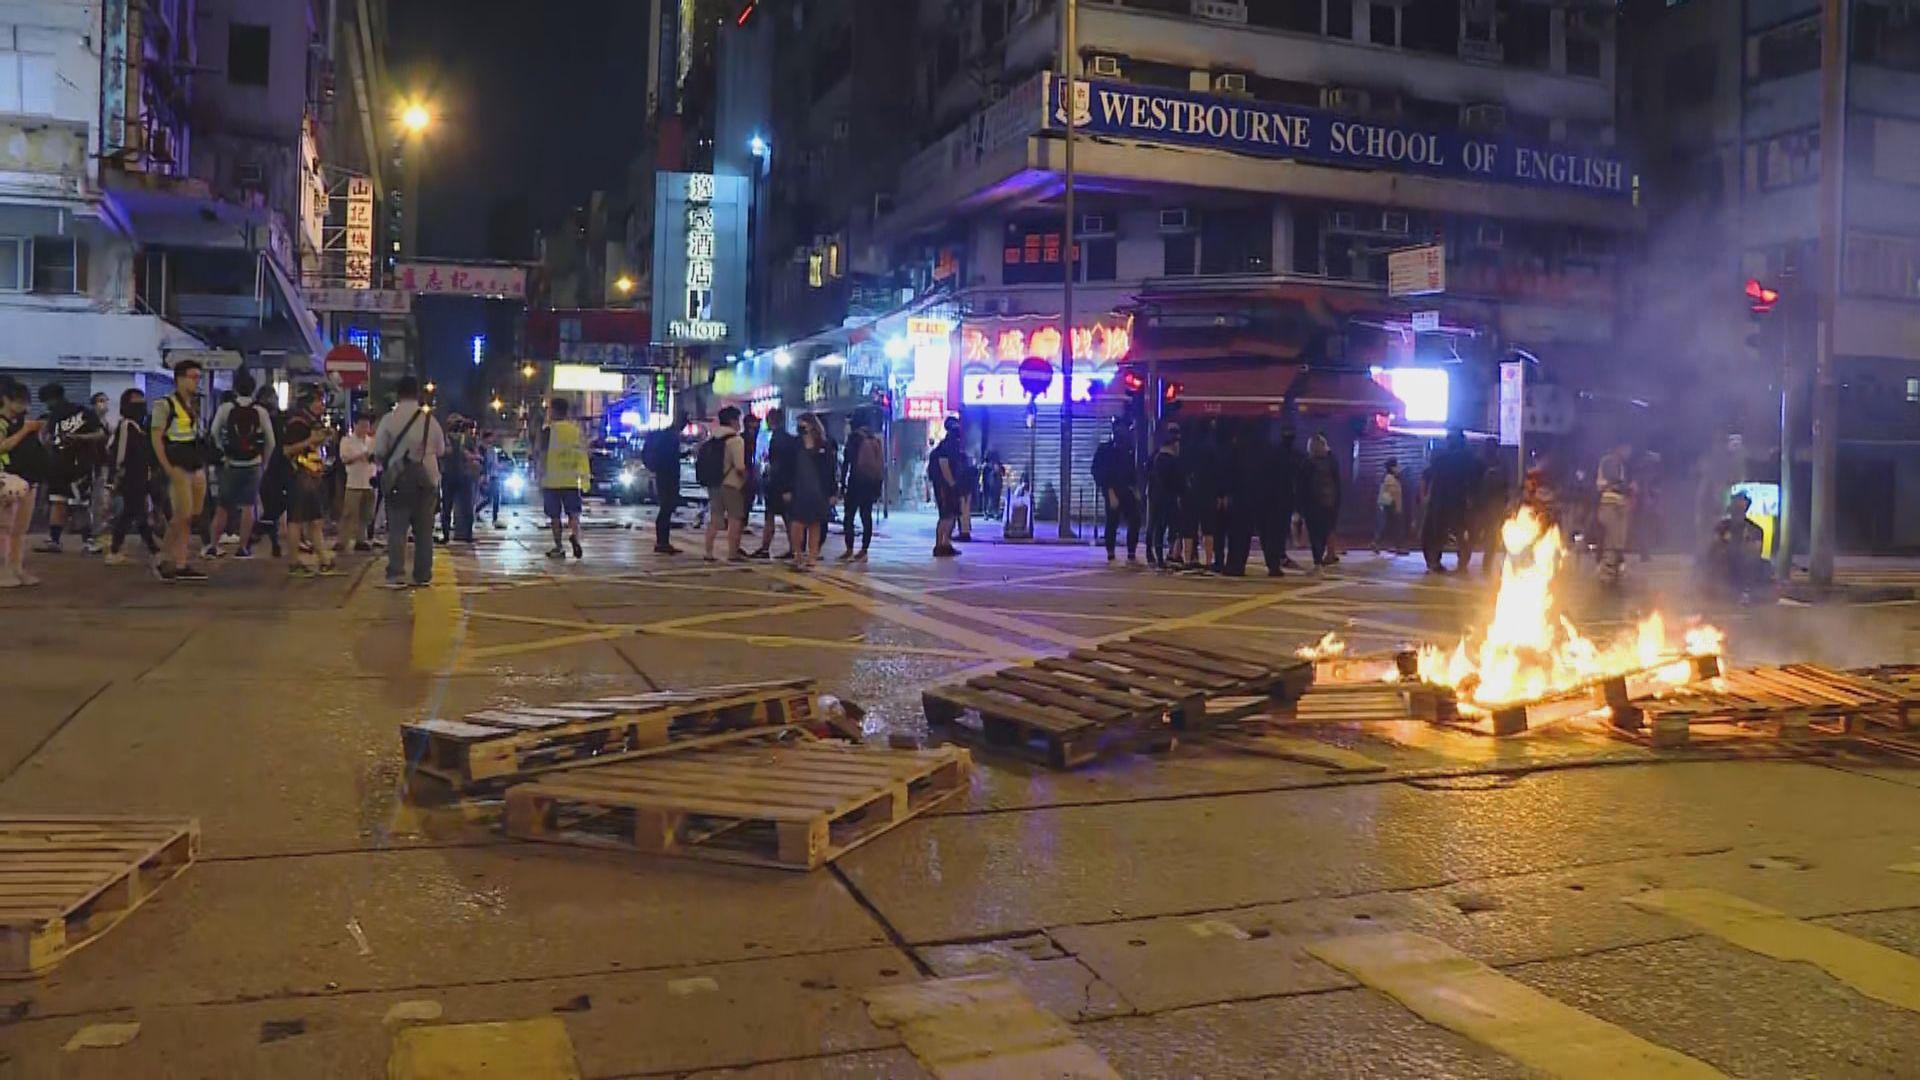 旺角有示威者堵路焚燒雜物